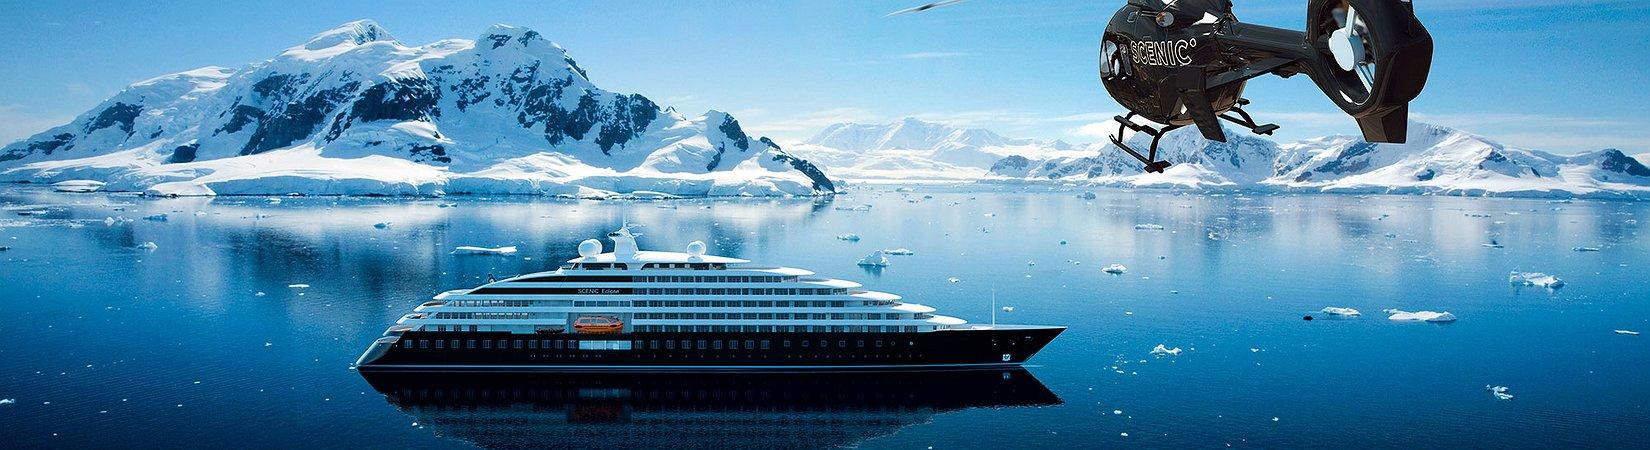 كارتينج ومركبات دون سائق  وليزر تاغ: ماذا تعرض السفن السياحية في عام 2018